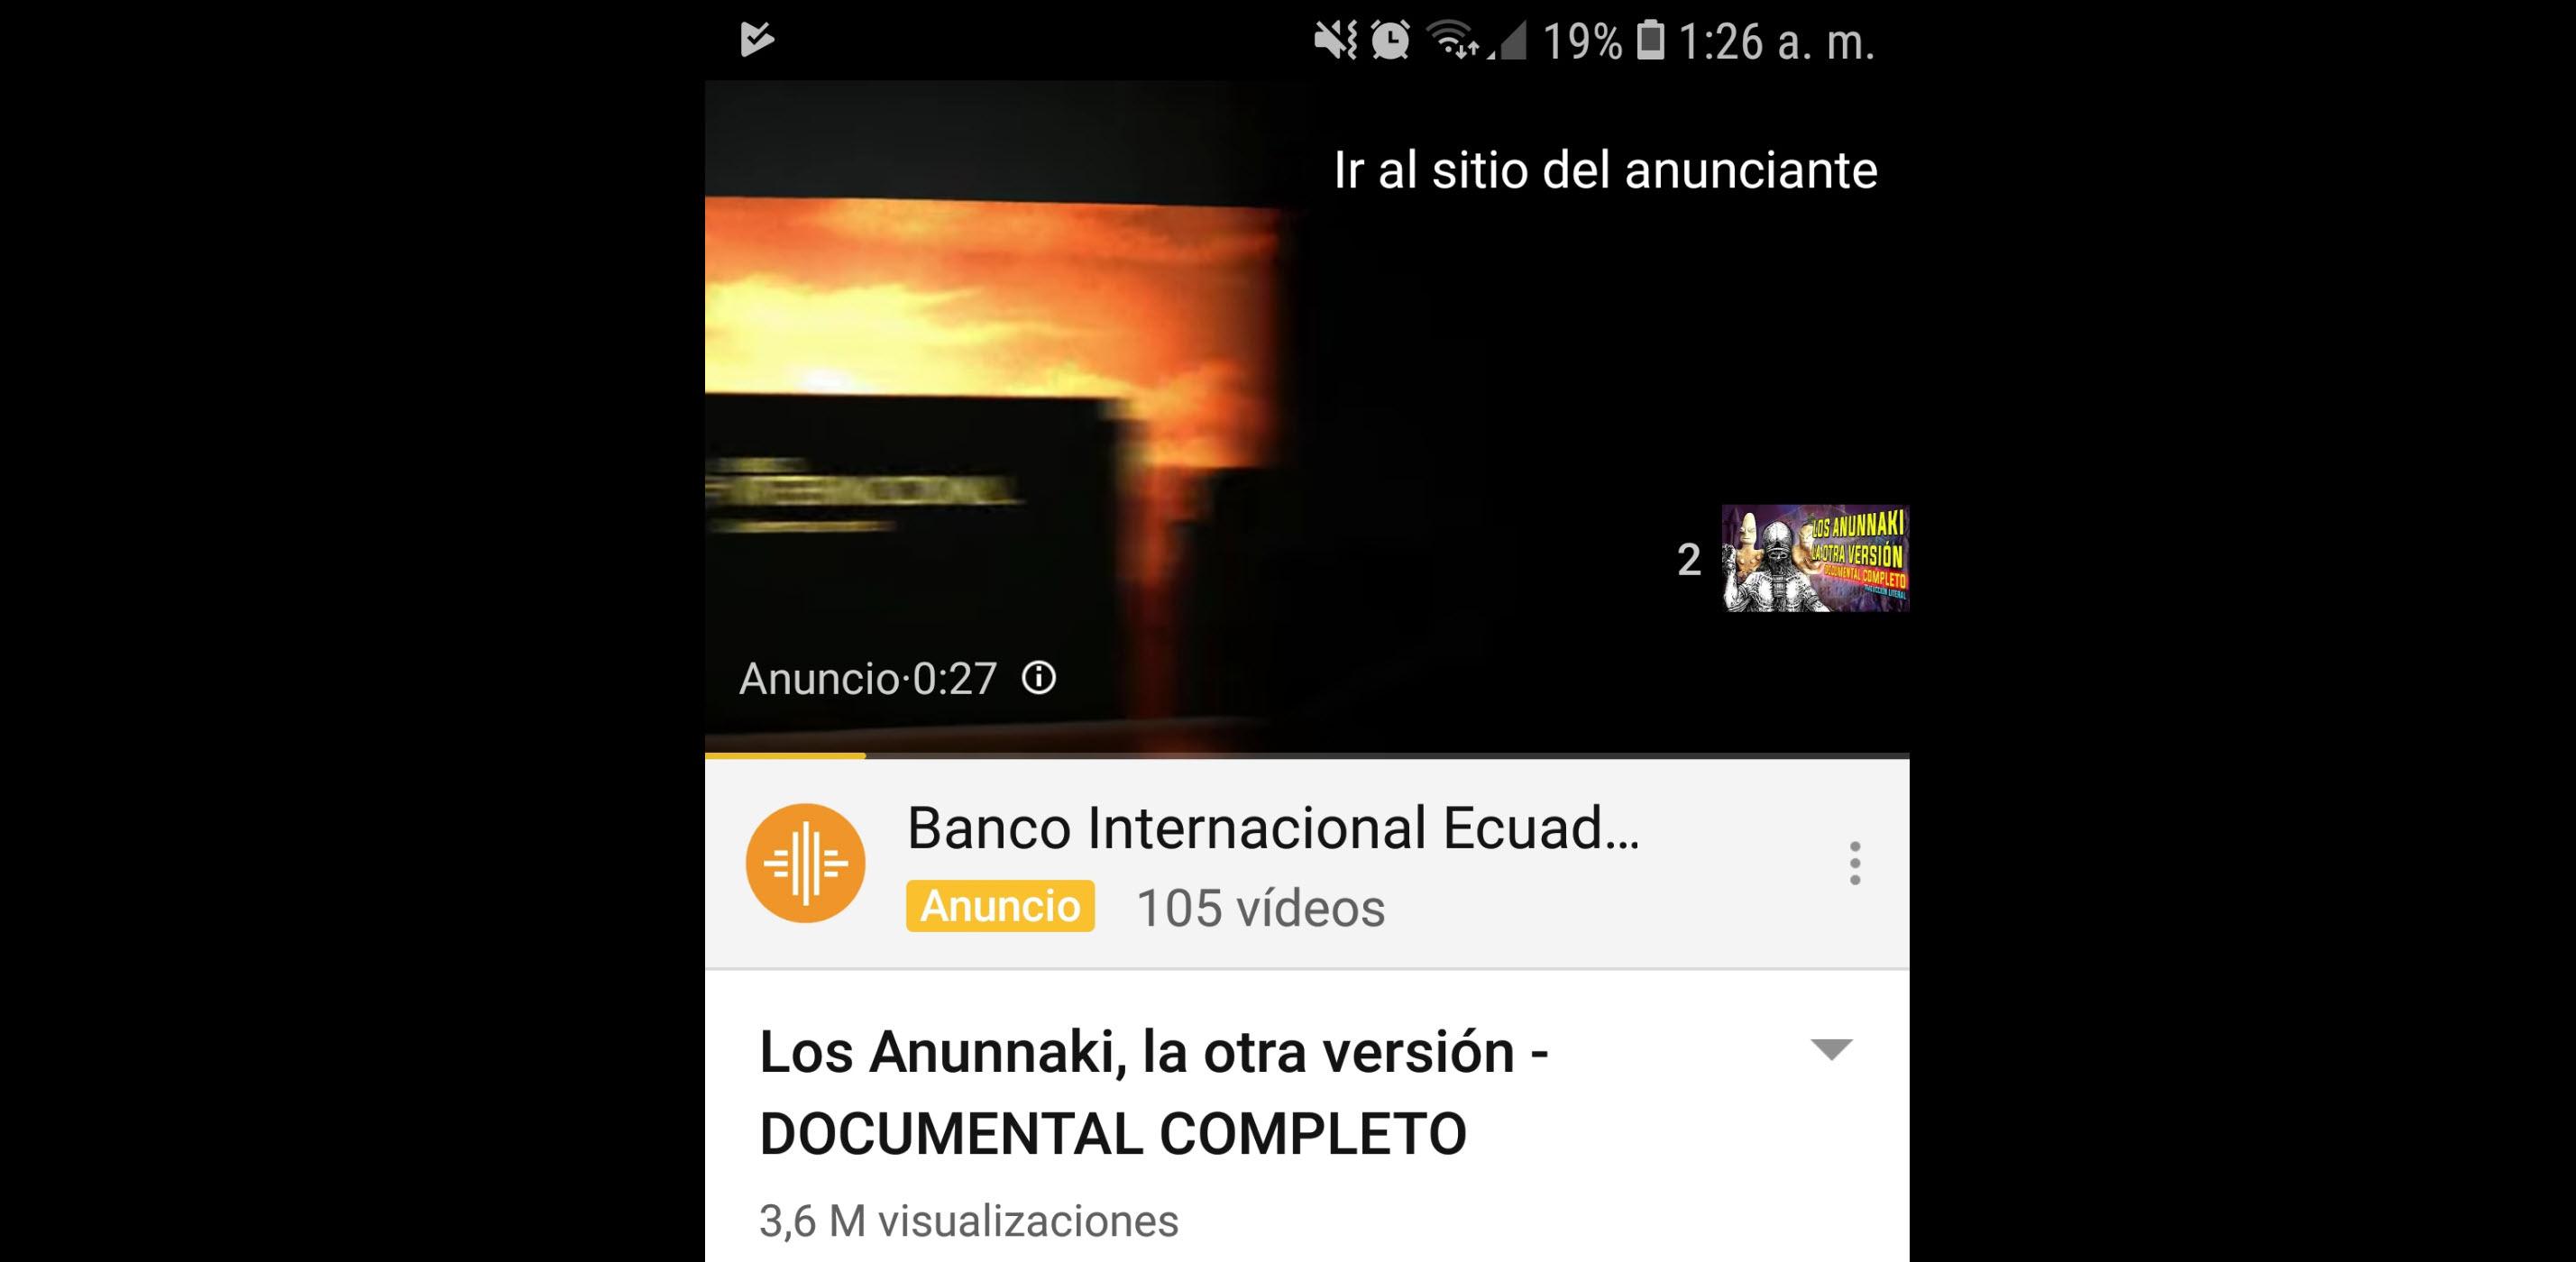 Cómo quitar o saltar los anuncios de YouTube automáticamente